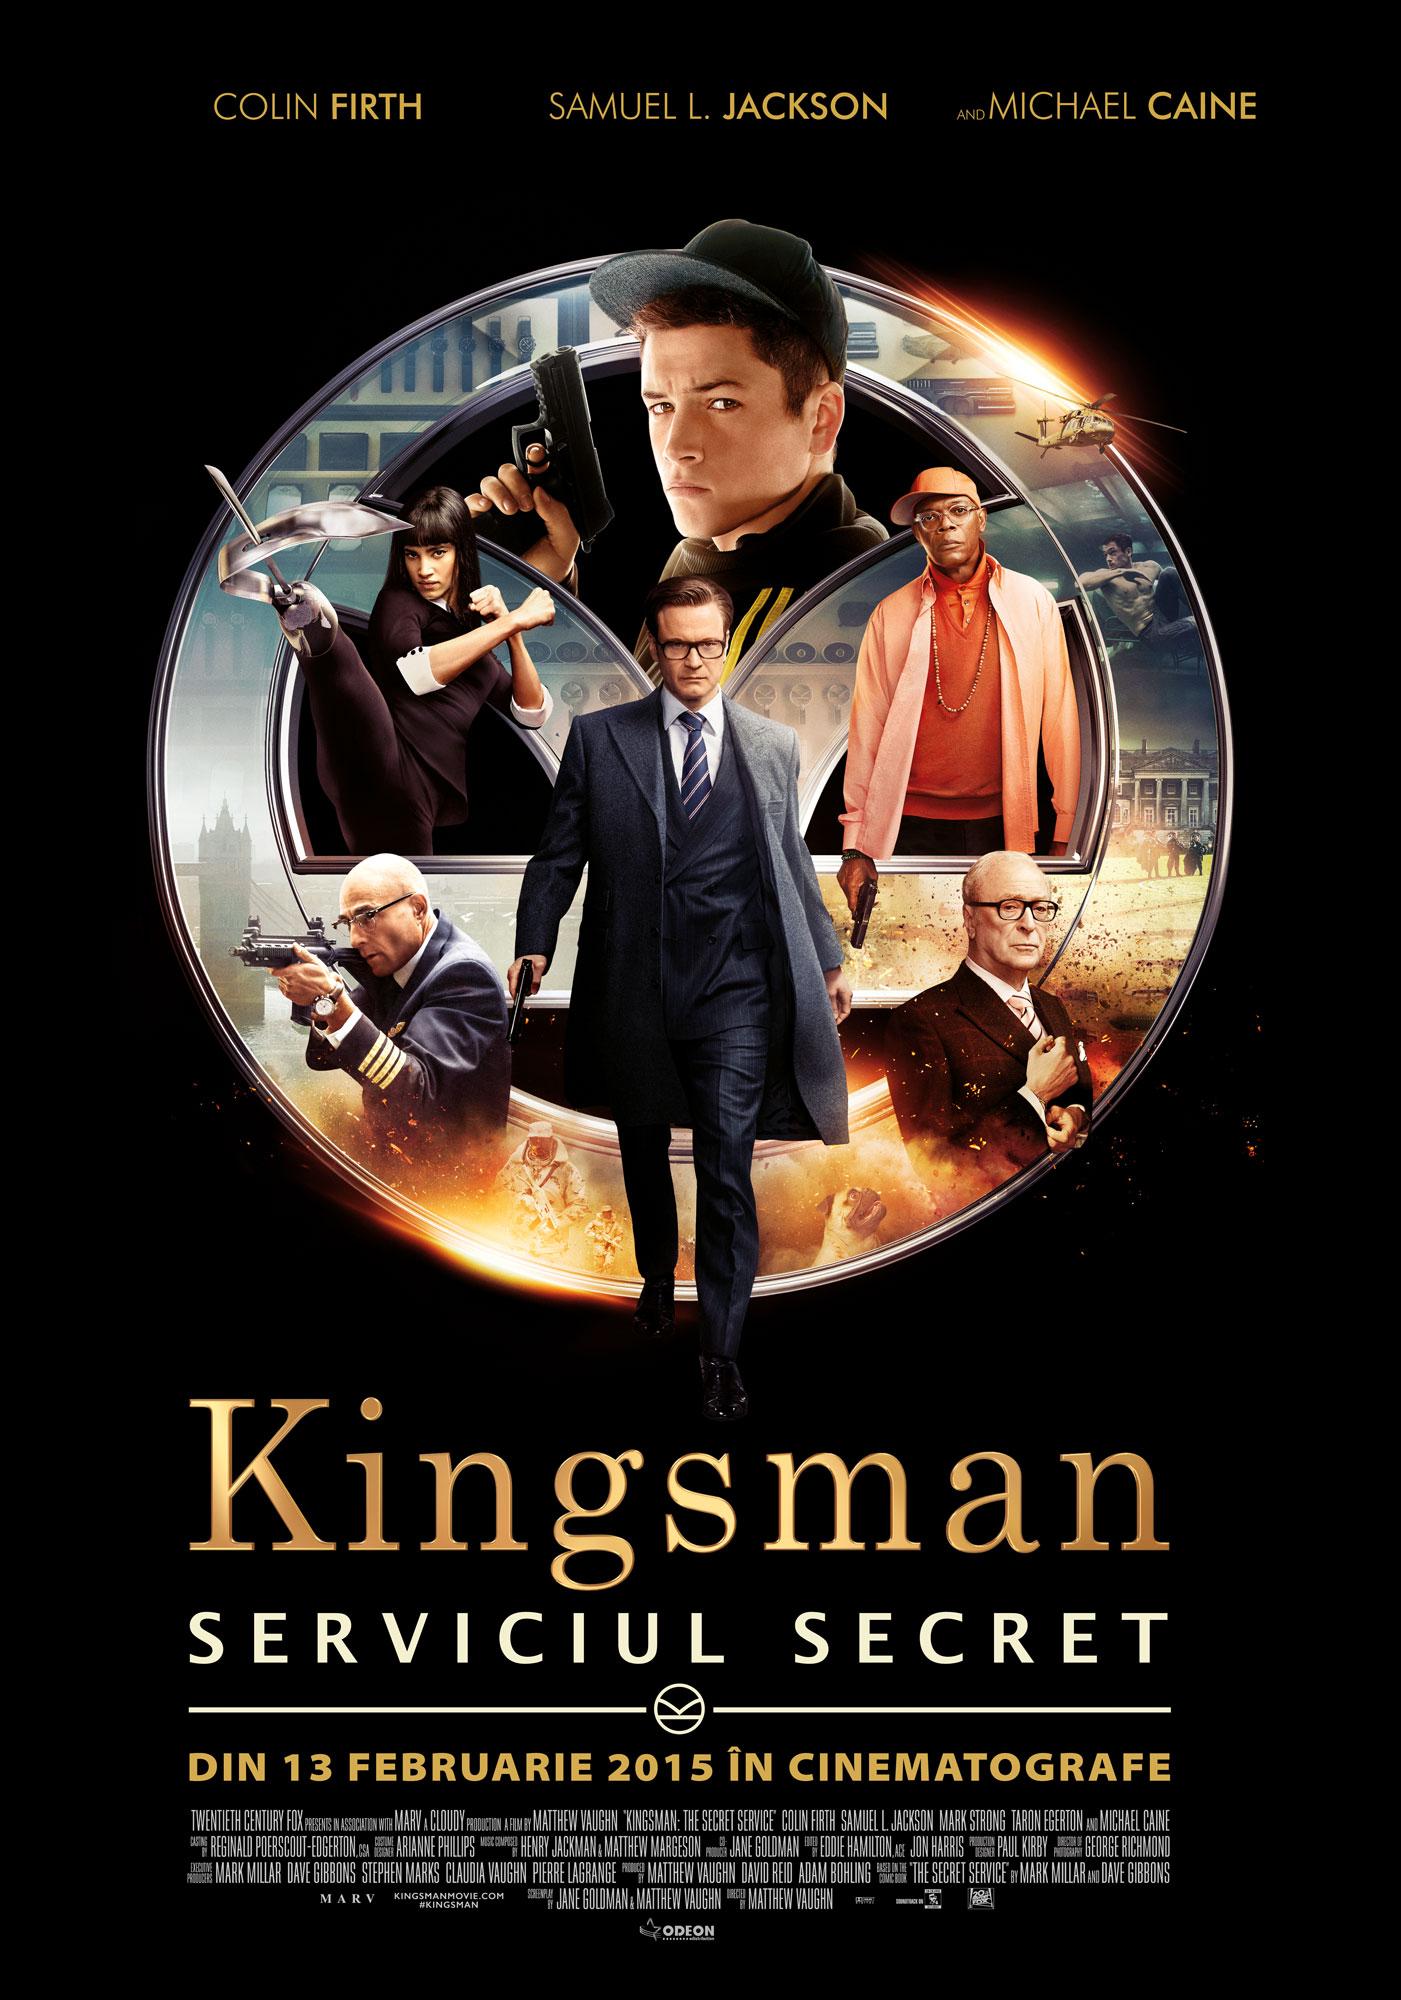 Kingsman Imdb